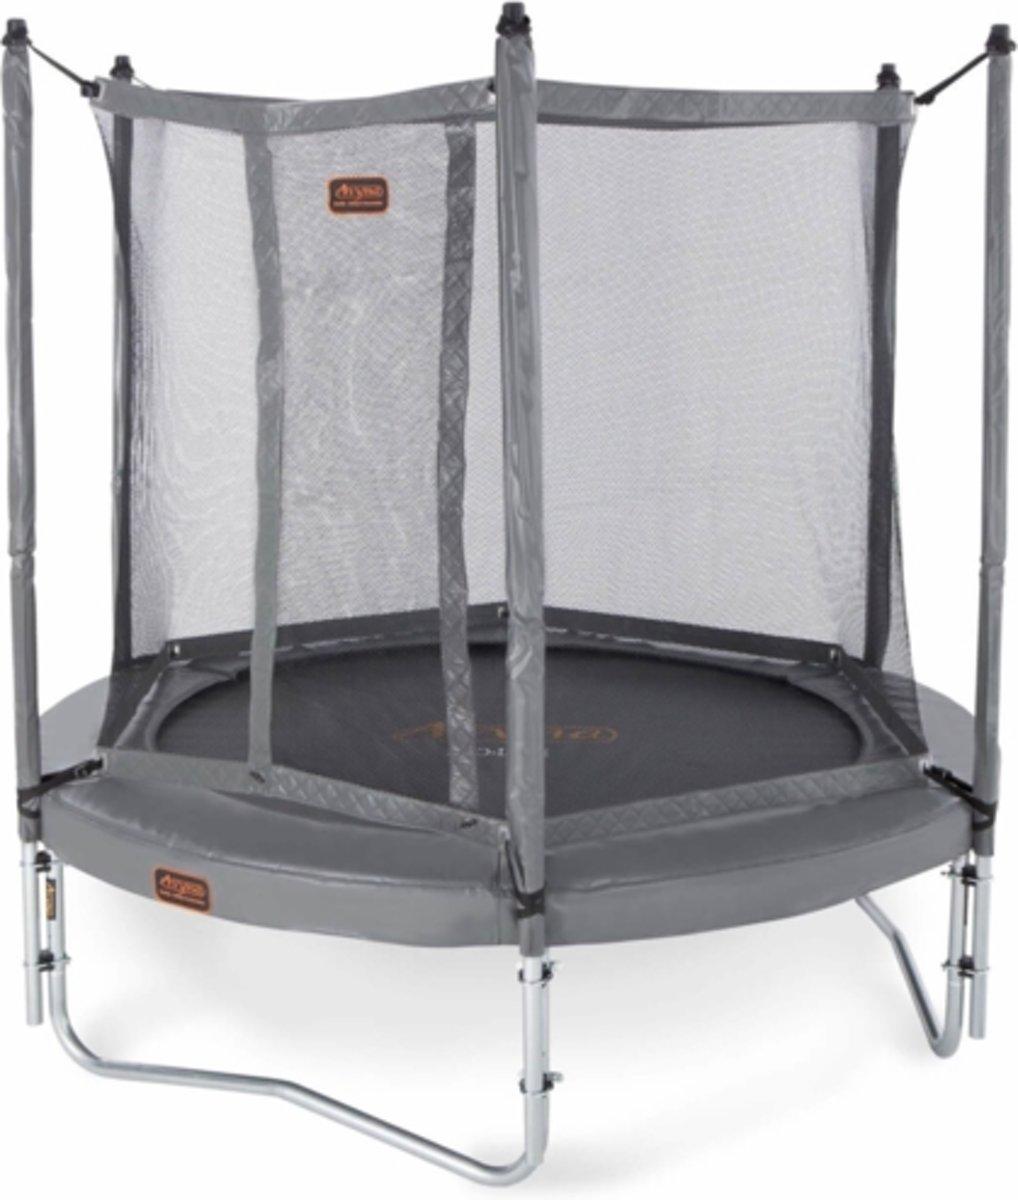 PRO-LINE 08 trampoline + net boven + ladder - grijs- Gratis Afdekhoes